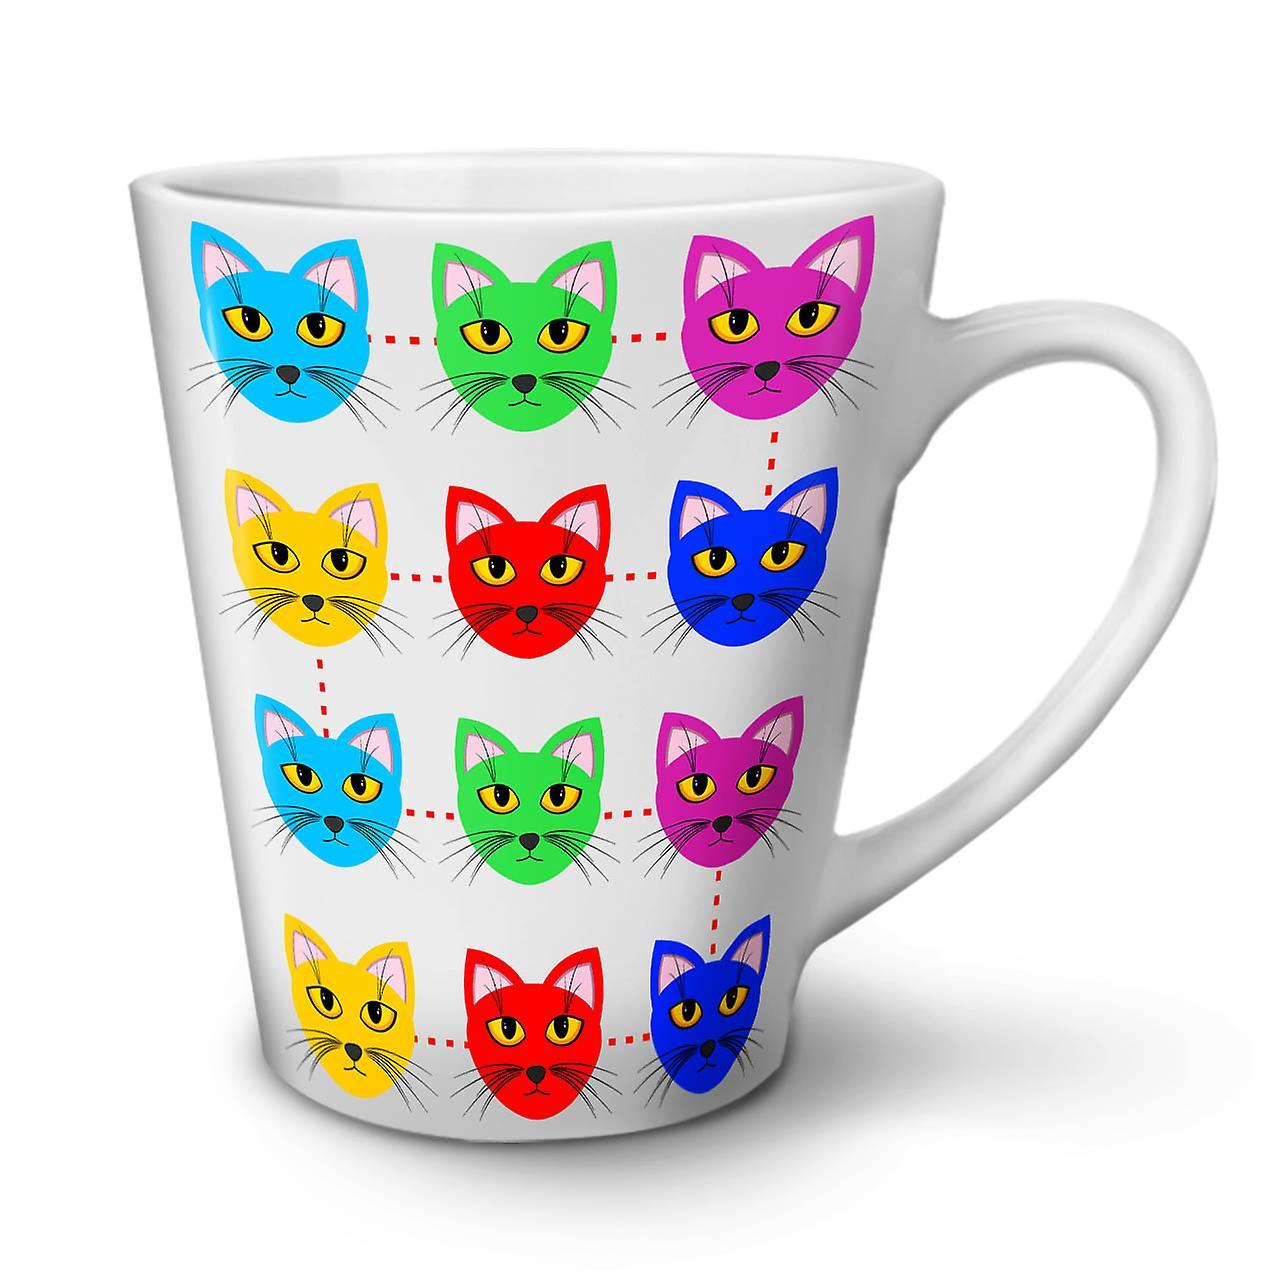 Coloré Mignon Mug Poilu Céramique Latte 12 Nouveau En OzWellcoda Blanc Café Thé LRj54A